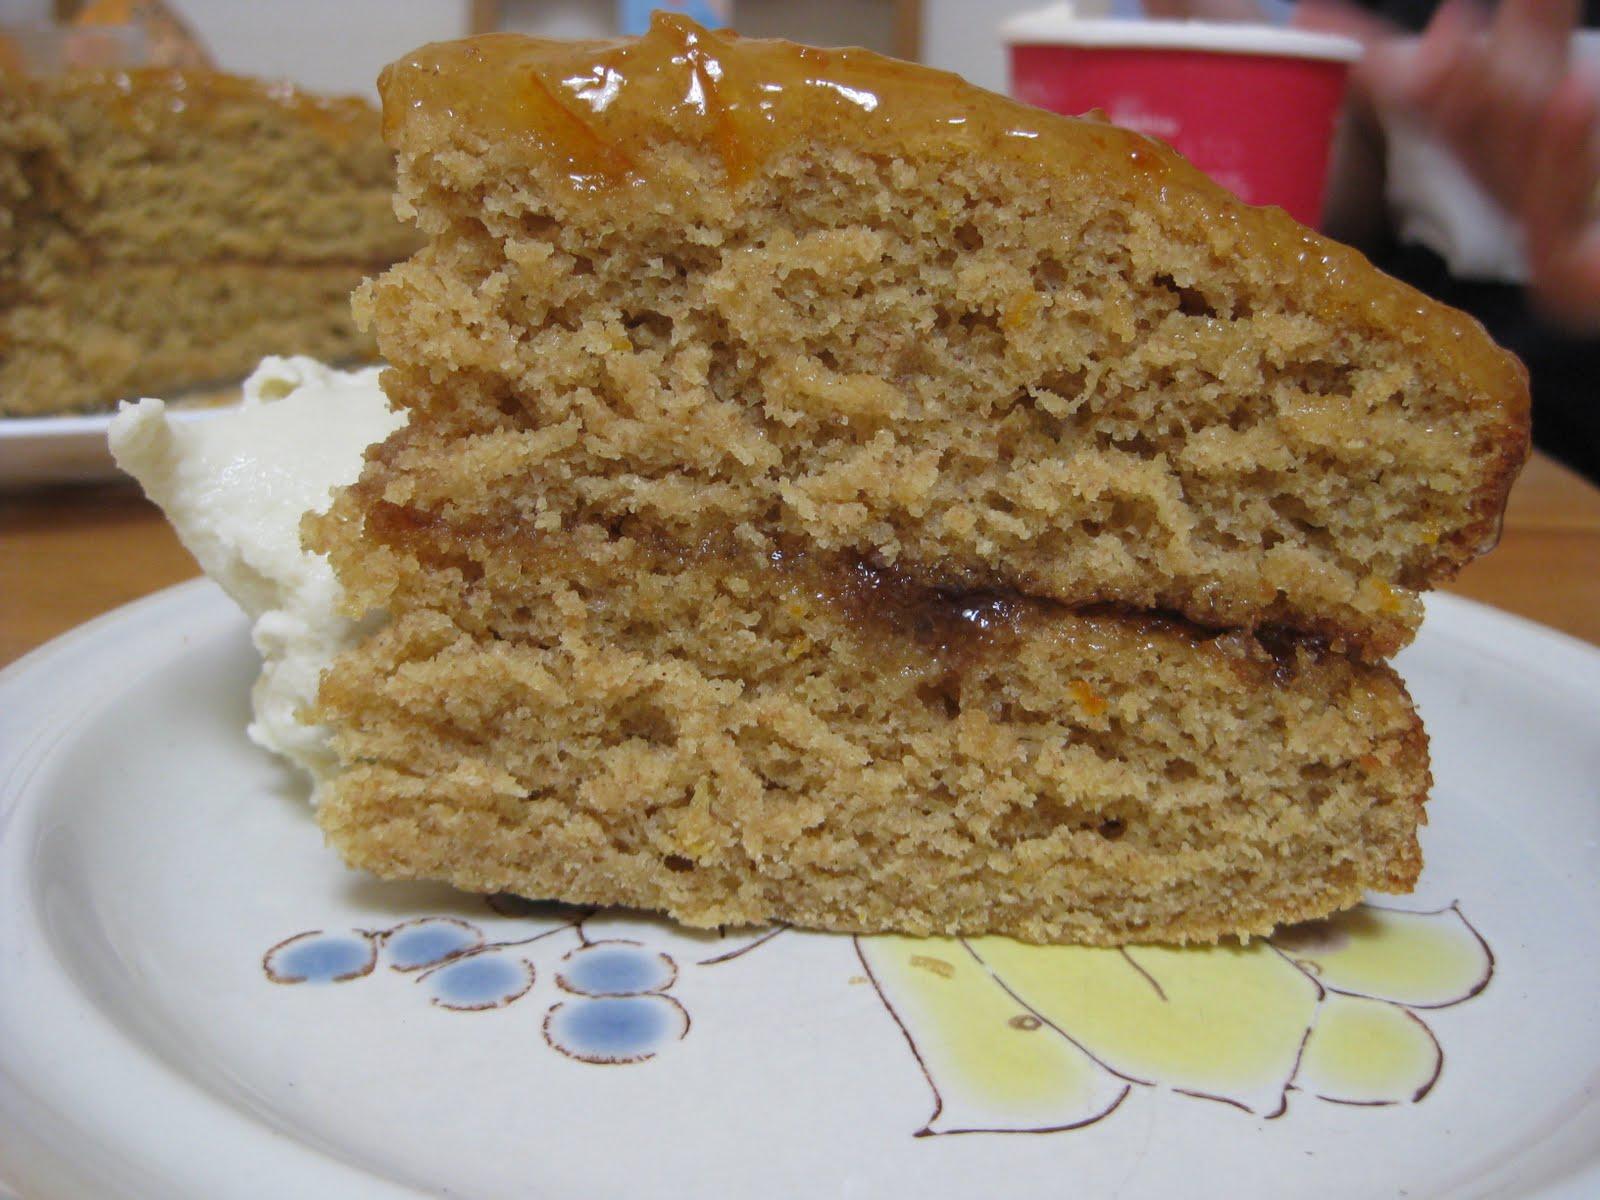 GO GO ZO: sticky orange cake with marmalade glaze (for breakfast)